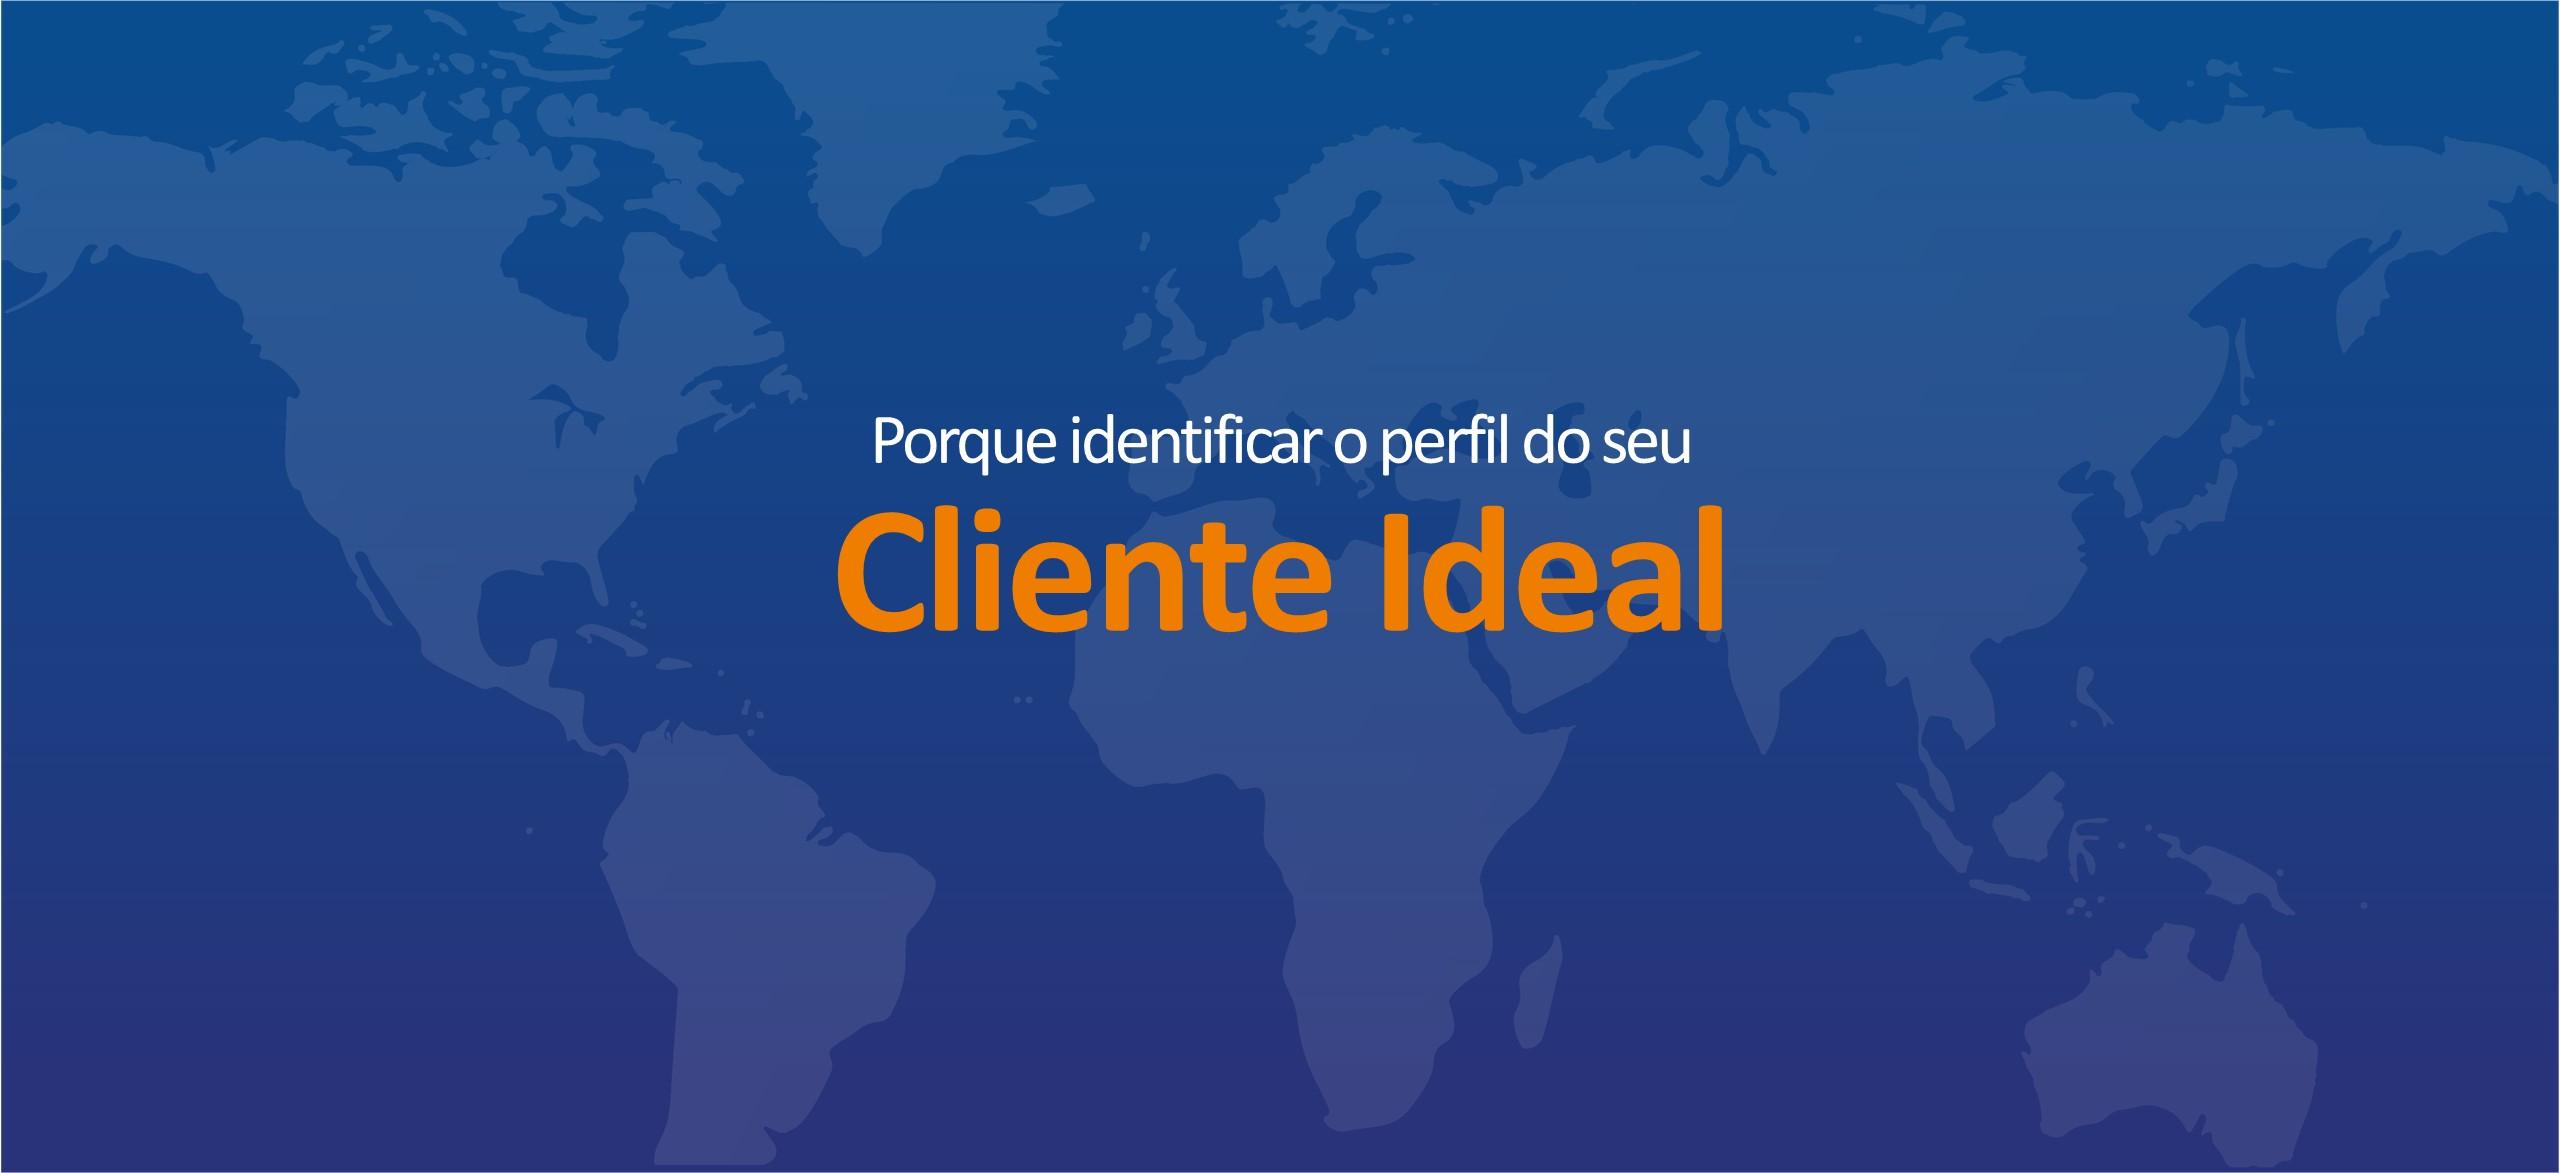 Porque identificar o perfil do seu cliente ideal